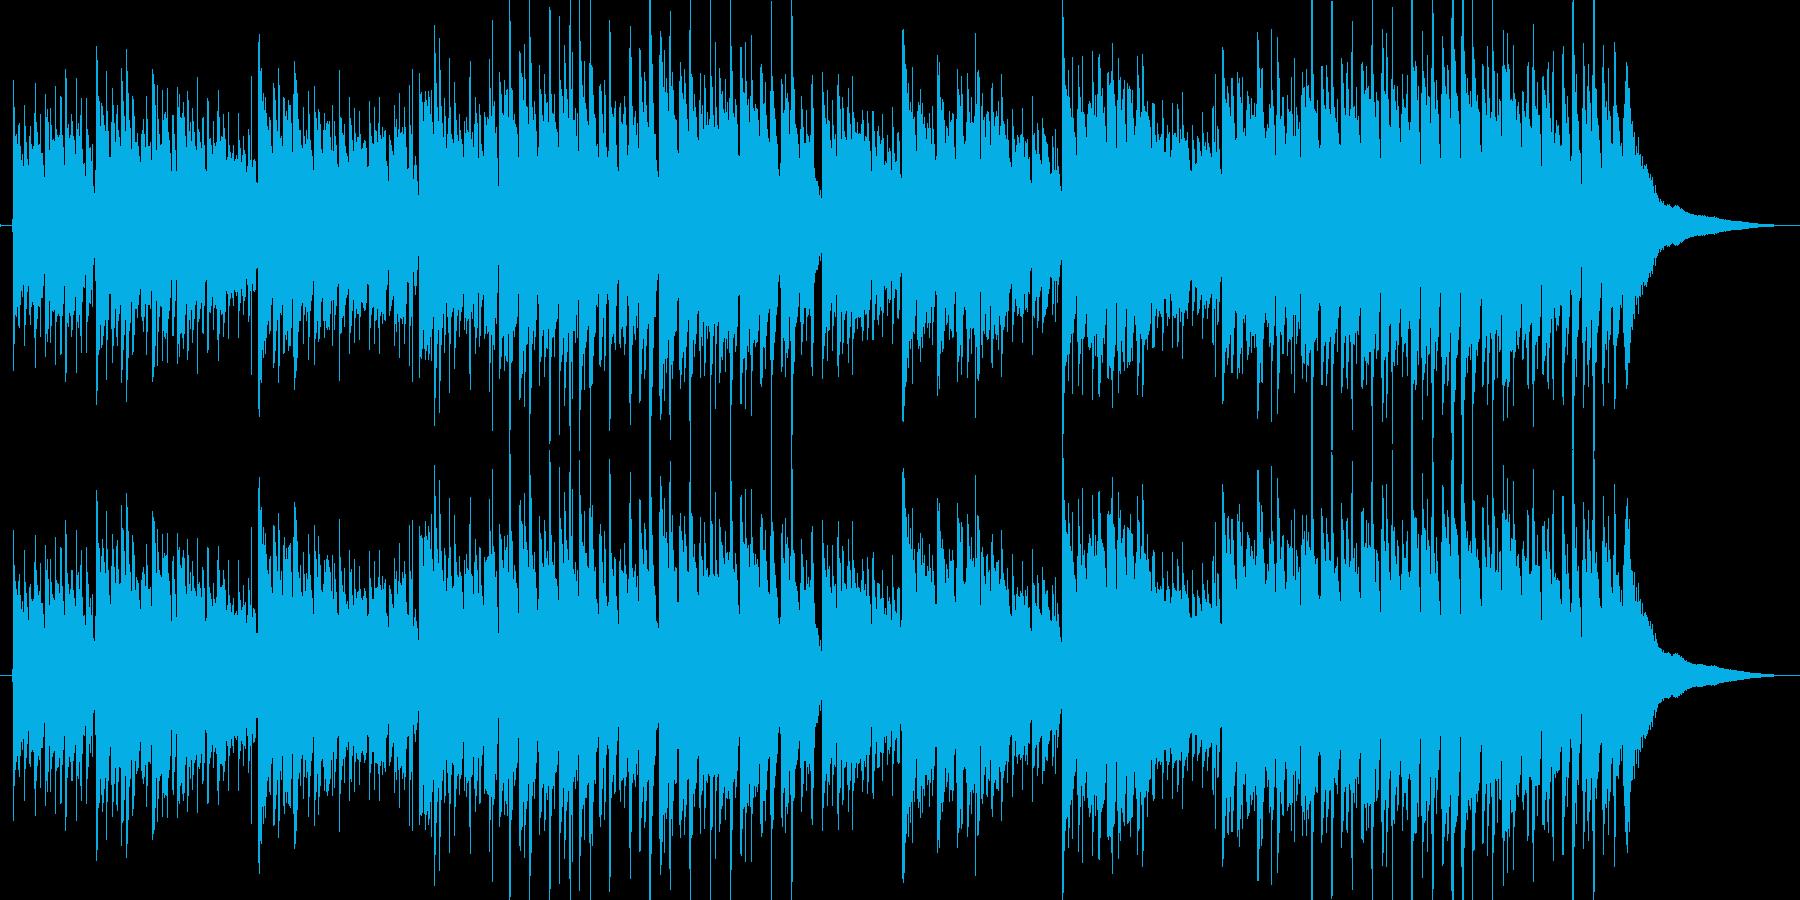 アコースティックギター 雨の街1 独奏の再生済みの波形